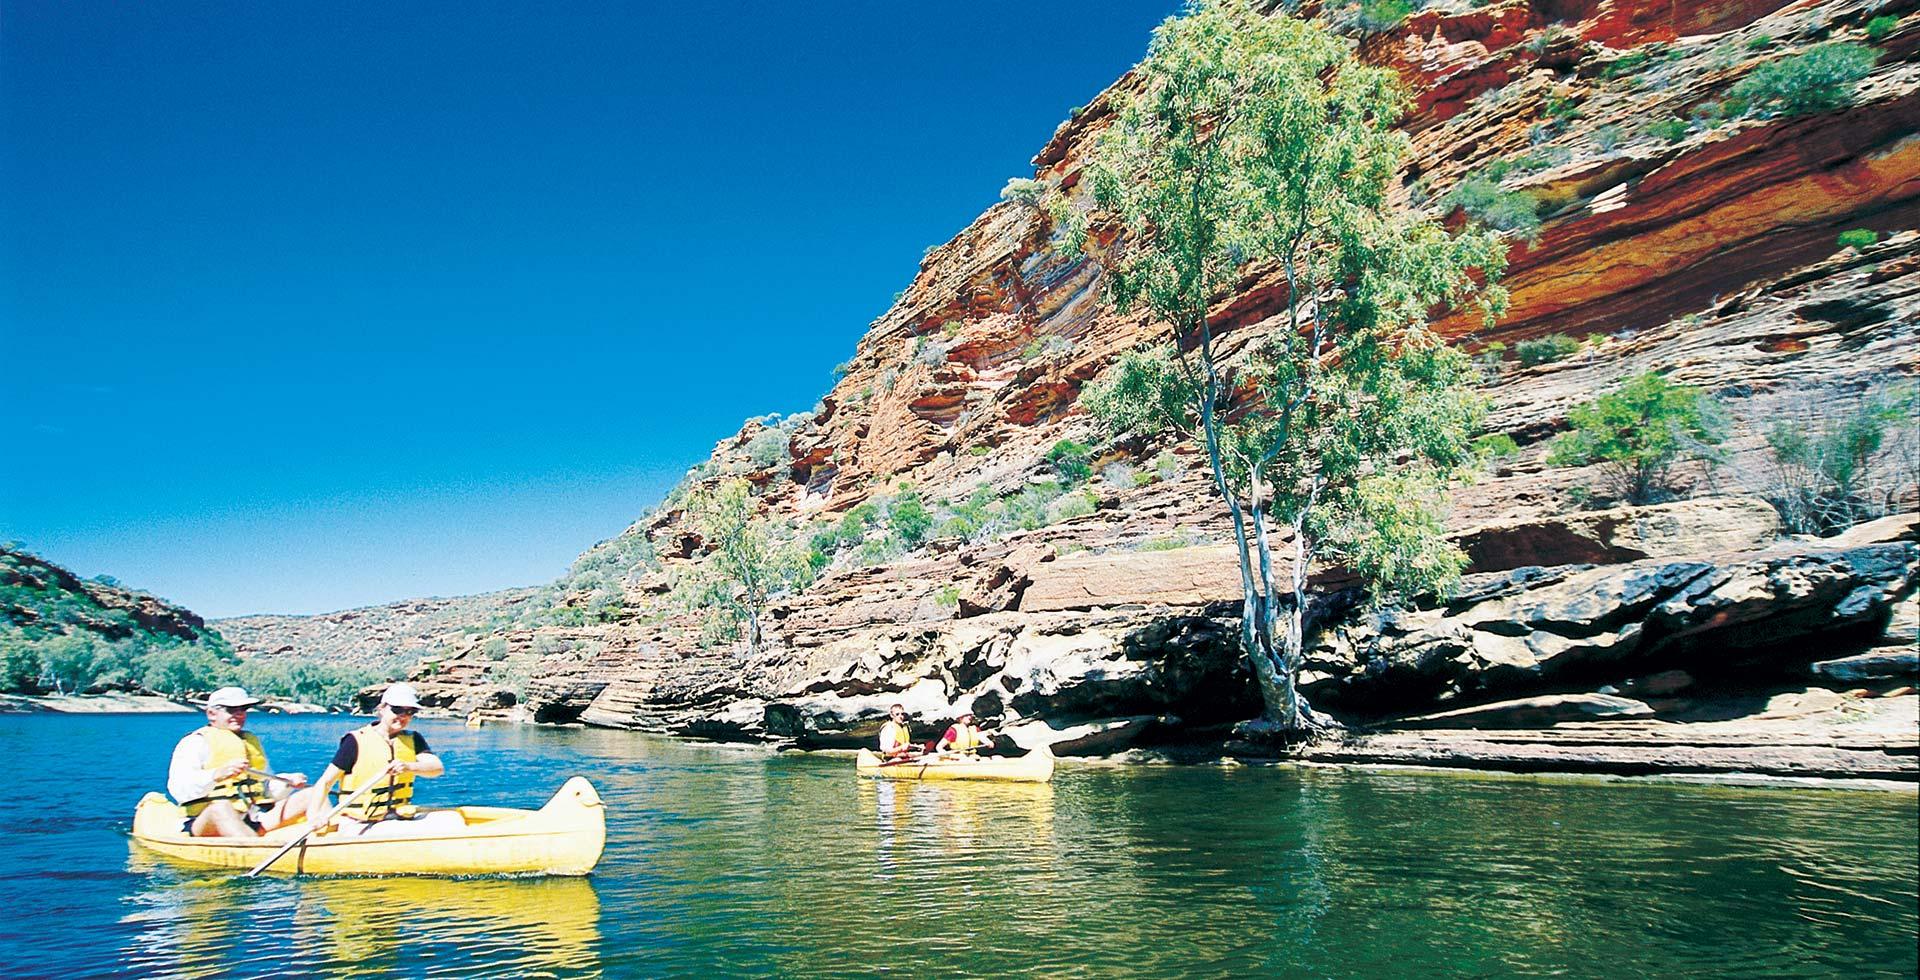 Take a loved one canoeing along the Kalbarri River at Kalbarri